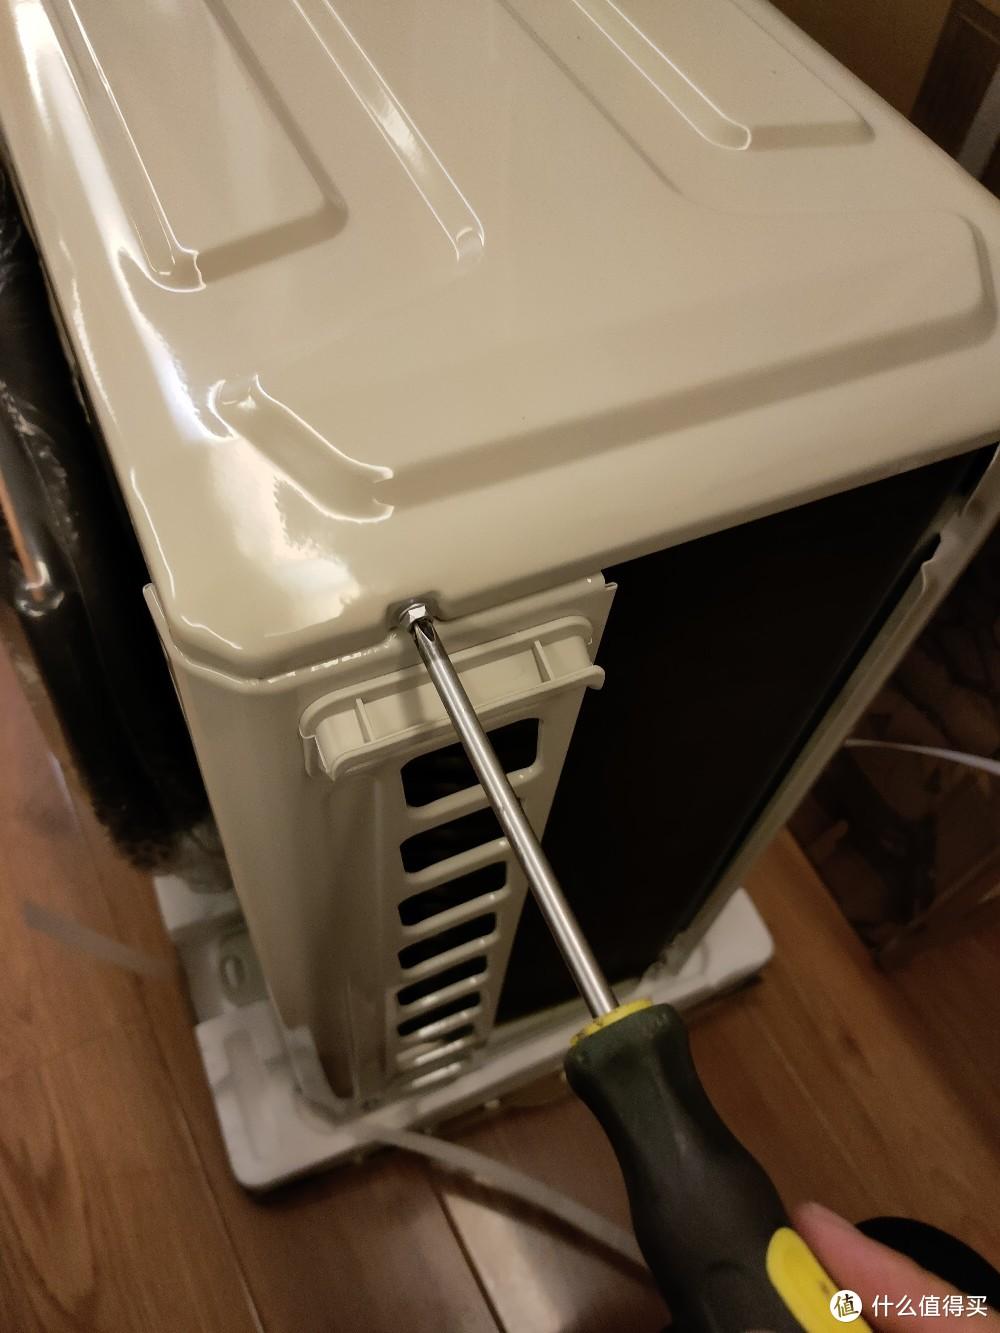 买椟还珠?入手网红华凌he1空调为了安装买了个真空泵